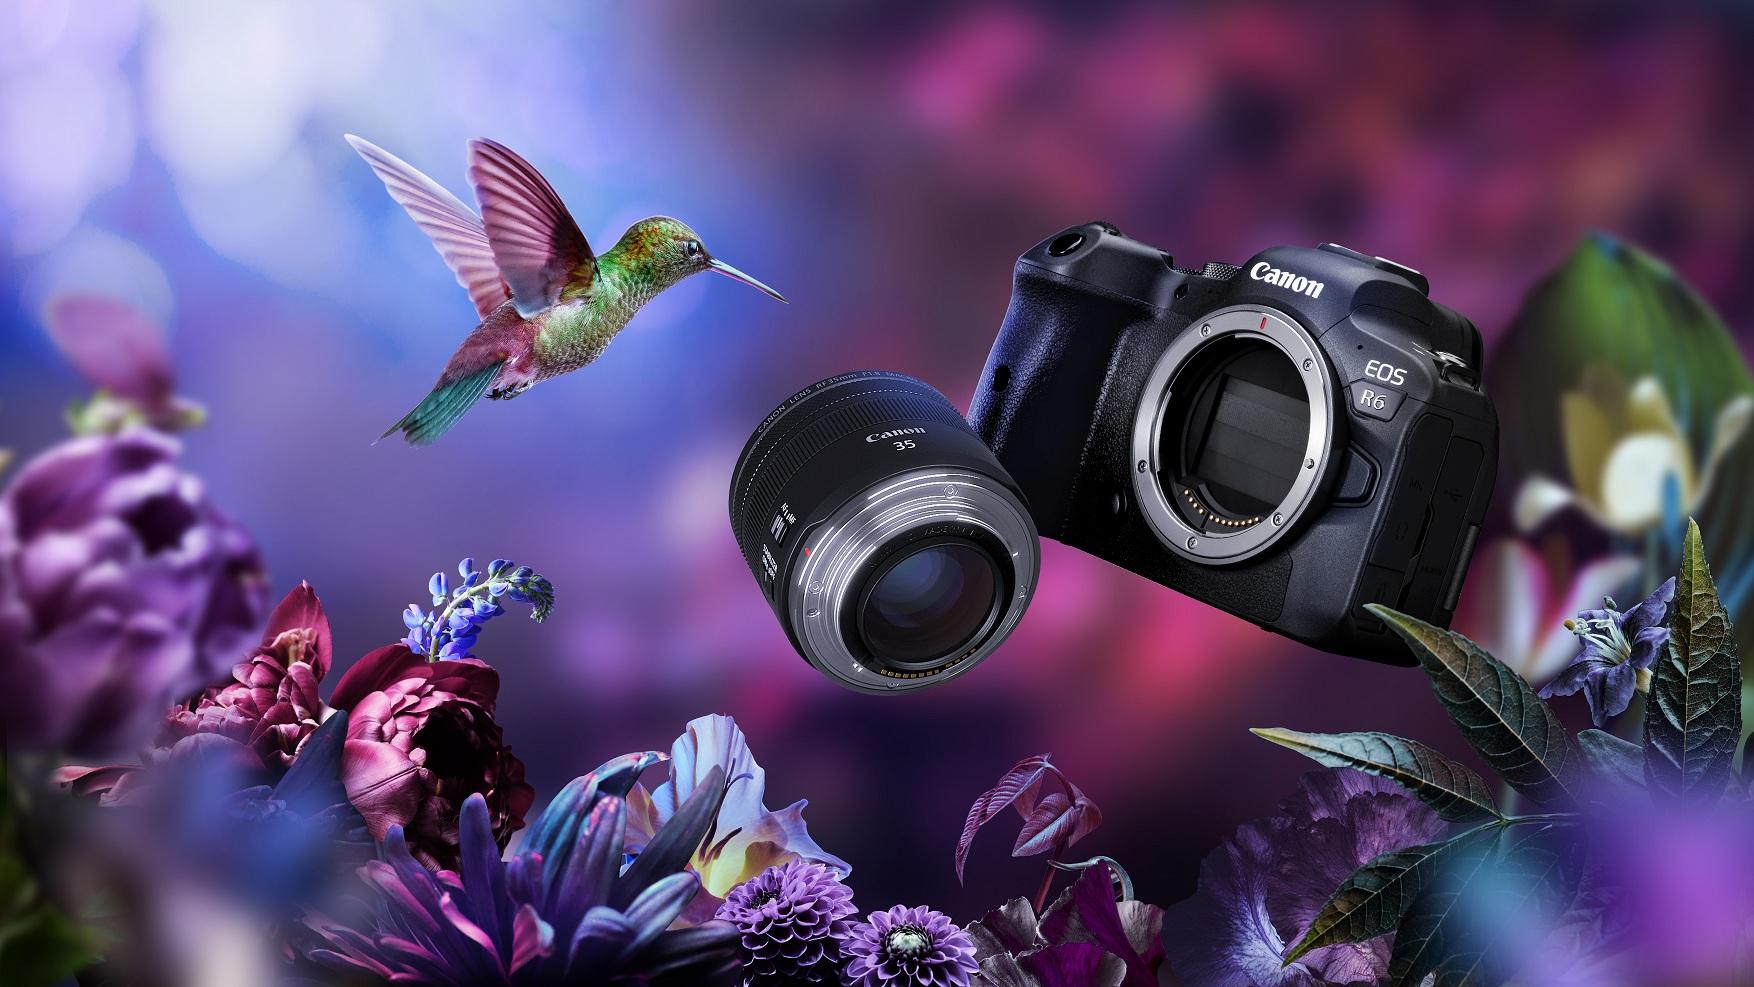 Canon ra mắt máy ảnh EOS R5, R6 và loạt ống kính mới marketingreview.vn 1